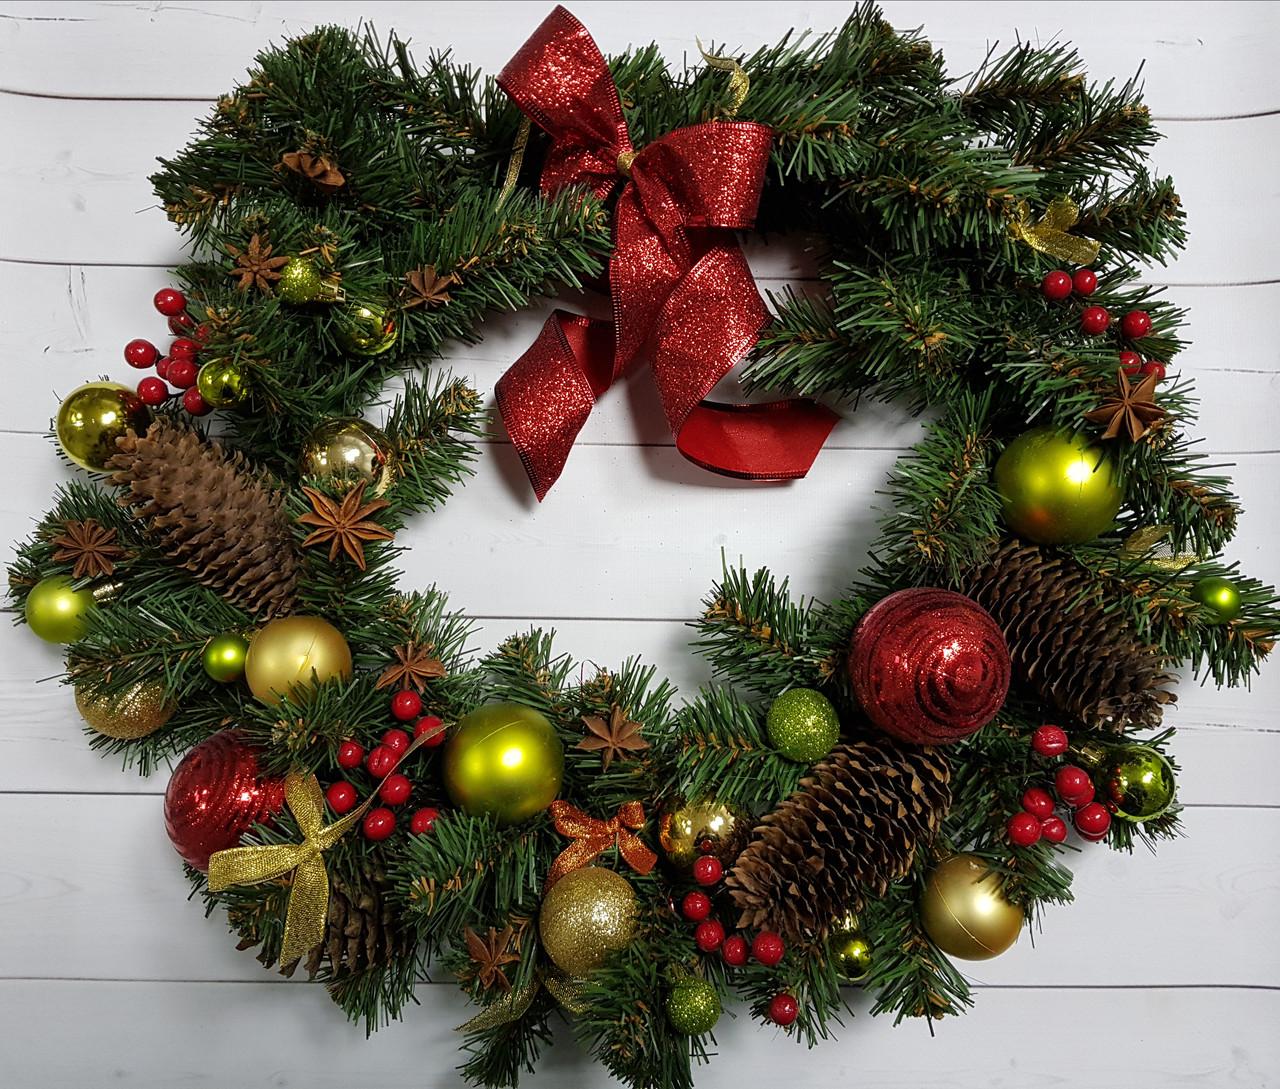 Рождественский венок Forest Collection с шишками и ягодами, диаметр 35 см